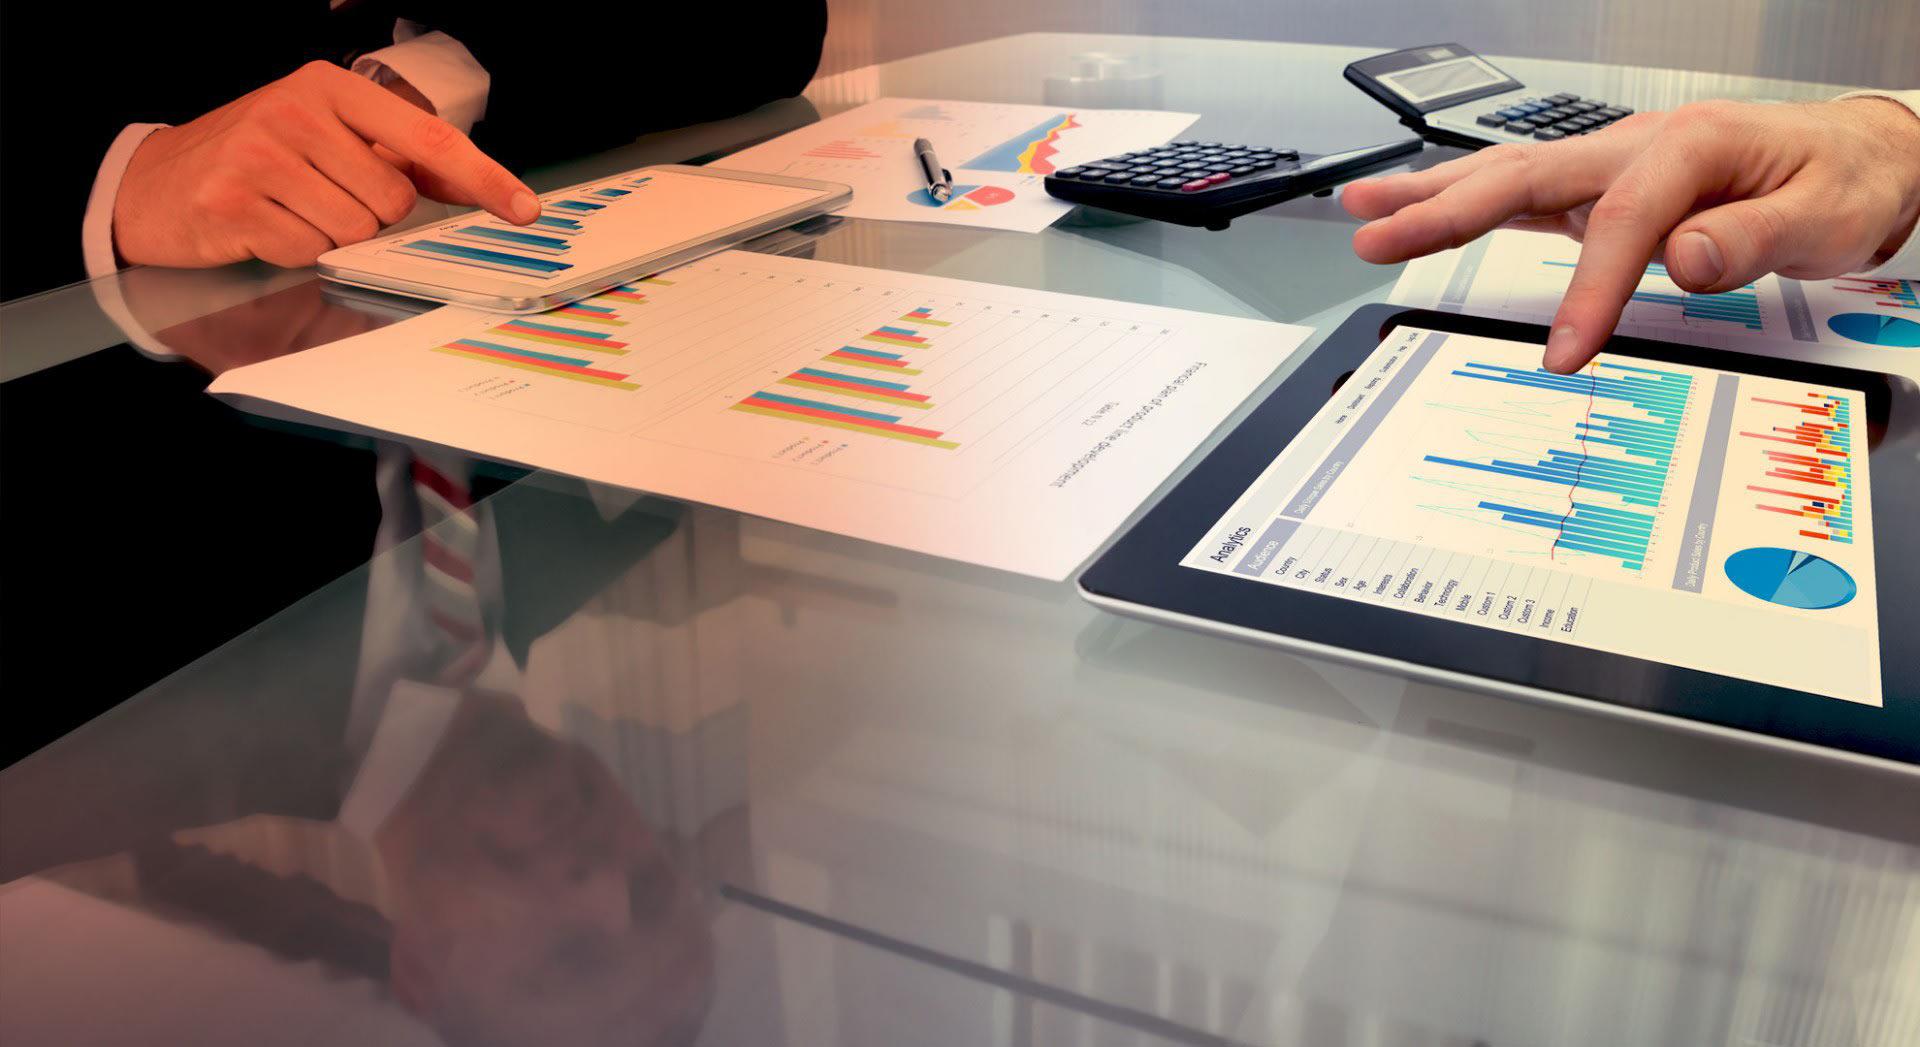 Вебинар: Чек-лист: как сделать бизнес простым и системным